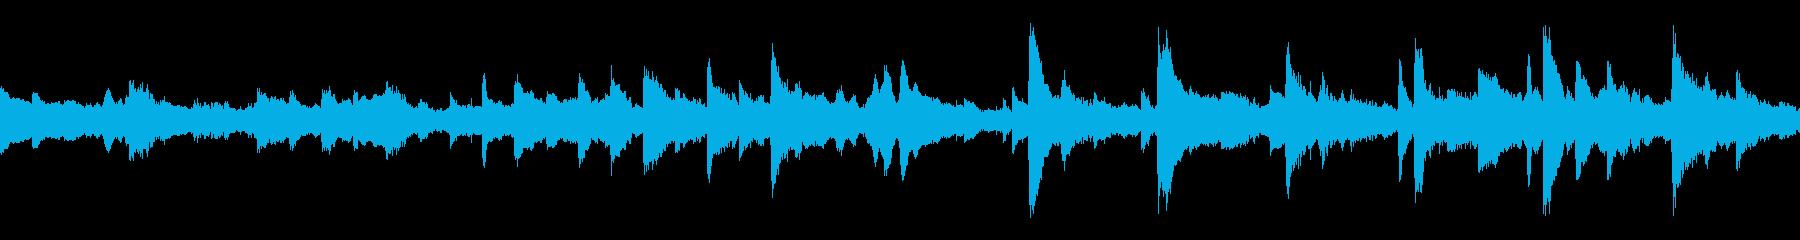 ピアノ、エスニックパーカッション、...の再生済みの波形